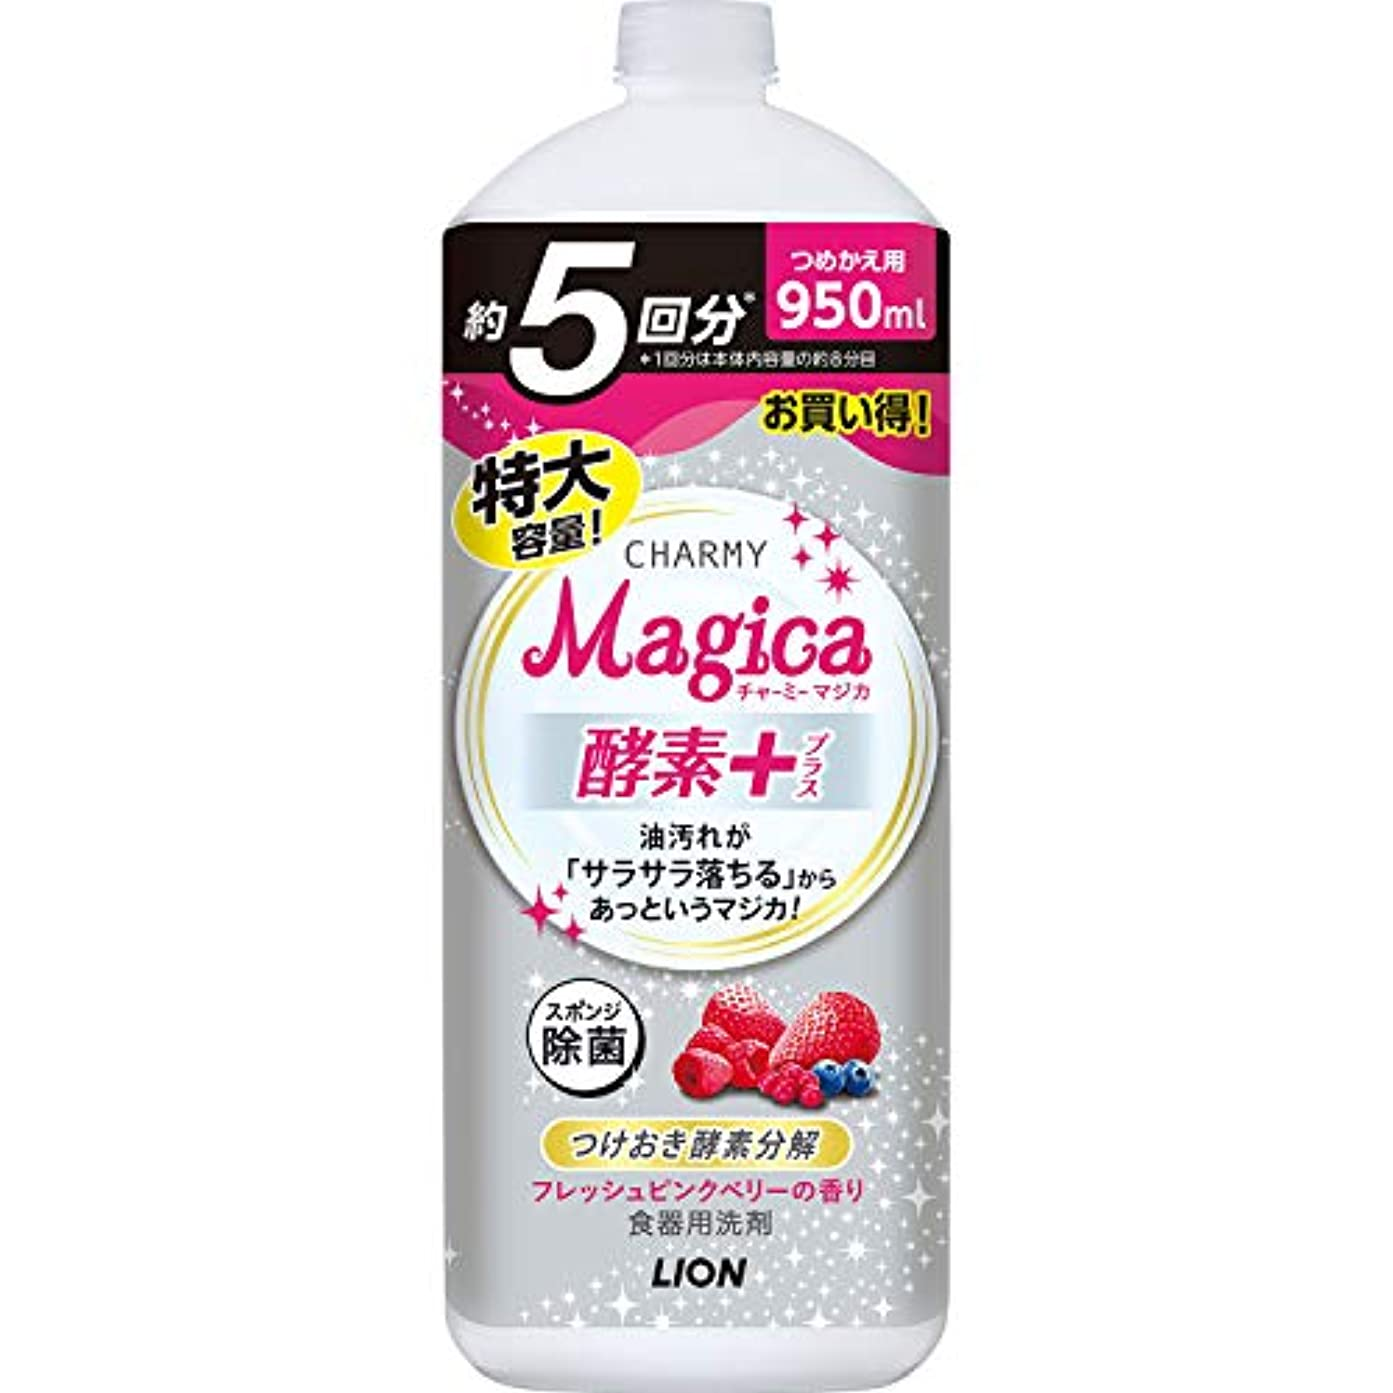 ダブルキャンペーン集中【大容量】チャーミーマジカ 食器用洗剤 酵素+ フレッシュピンクベリーの香り 詰め替え 950ml